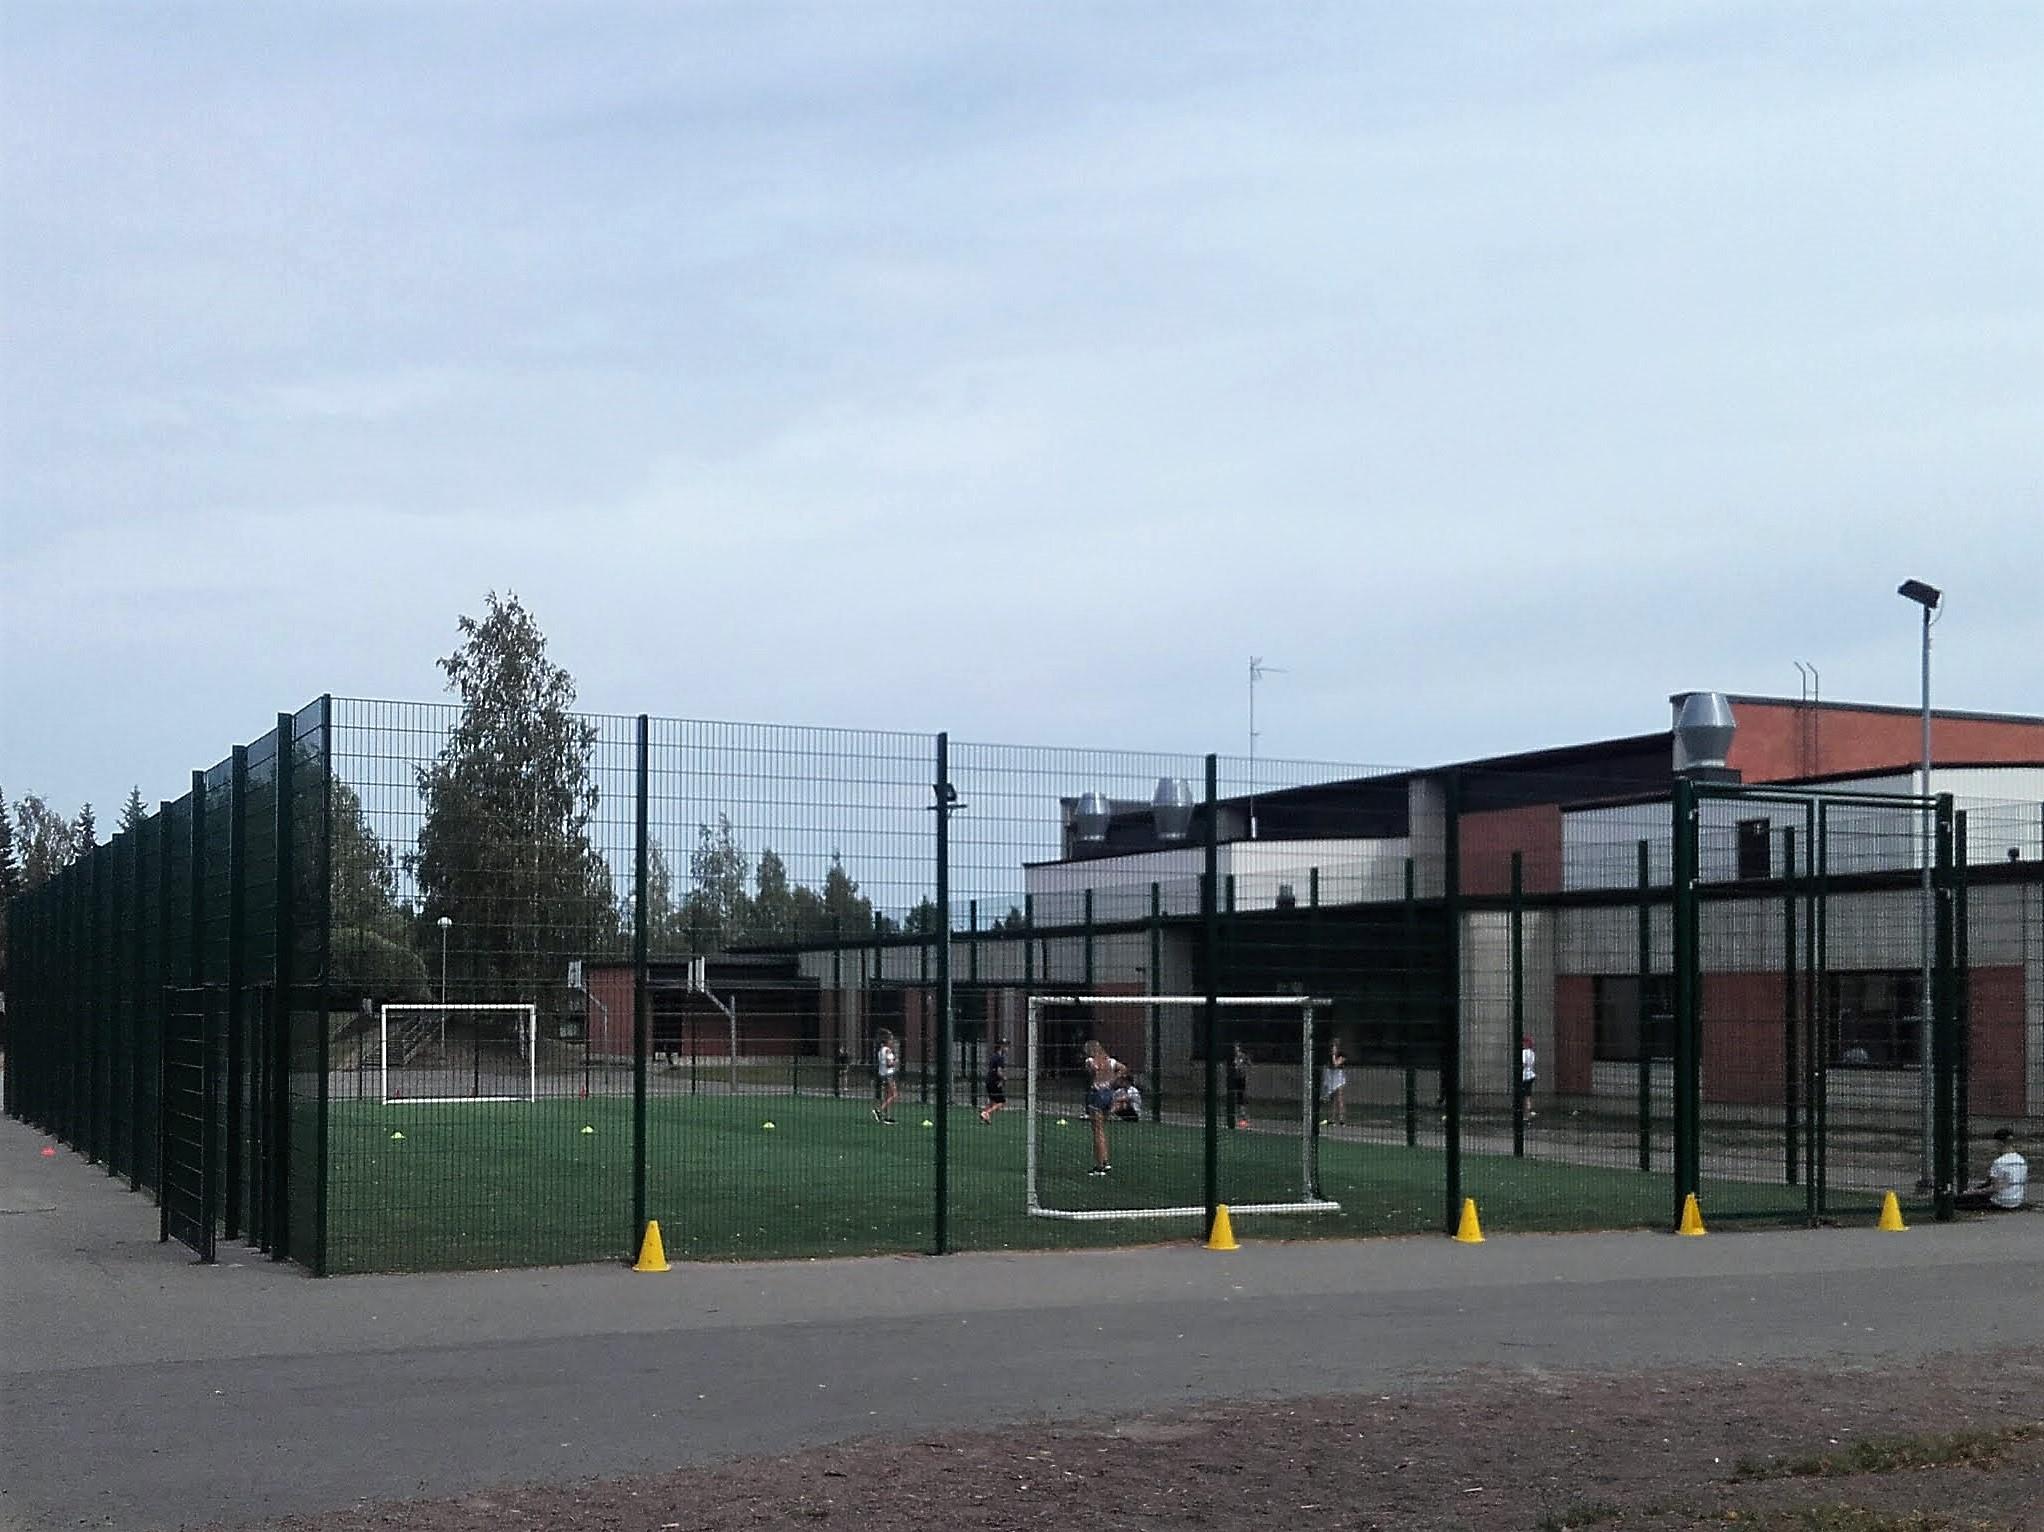 Koulurakennuksen edessä korkealla metalliverkkoaidalla rajattu tekonurmikenttä. Kentän molemmissa päissä maalit.